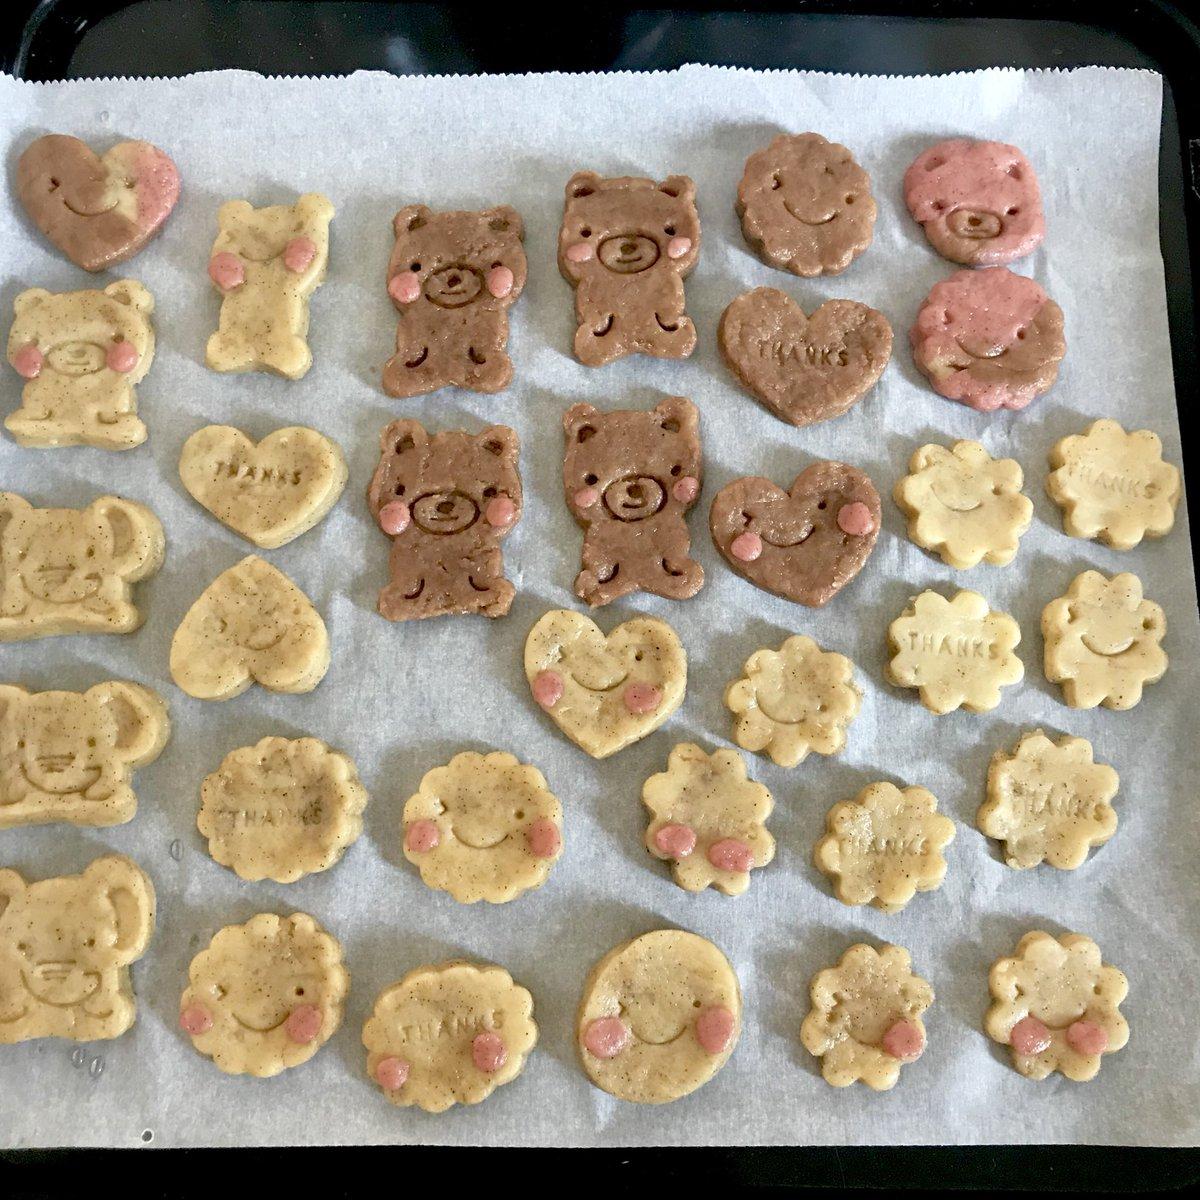 test ツイッターメディア - こどものおやつ。 3歳児と初めてのクッキー作り?? ほっぺたおかしな所に付いてるのもあるけど(笑)本人満足気でなにより。 クッキーなんてなん年ぶりに作った事か…二桁行くかも…?? #手作りおやつ #クッキー #娘と #お菓子作り  #セリア #クッキー型 #初体験 #お菓子作りデビュー https://t.co/ihfk1iCafo